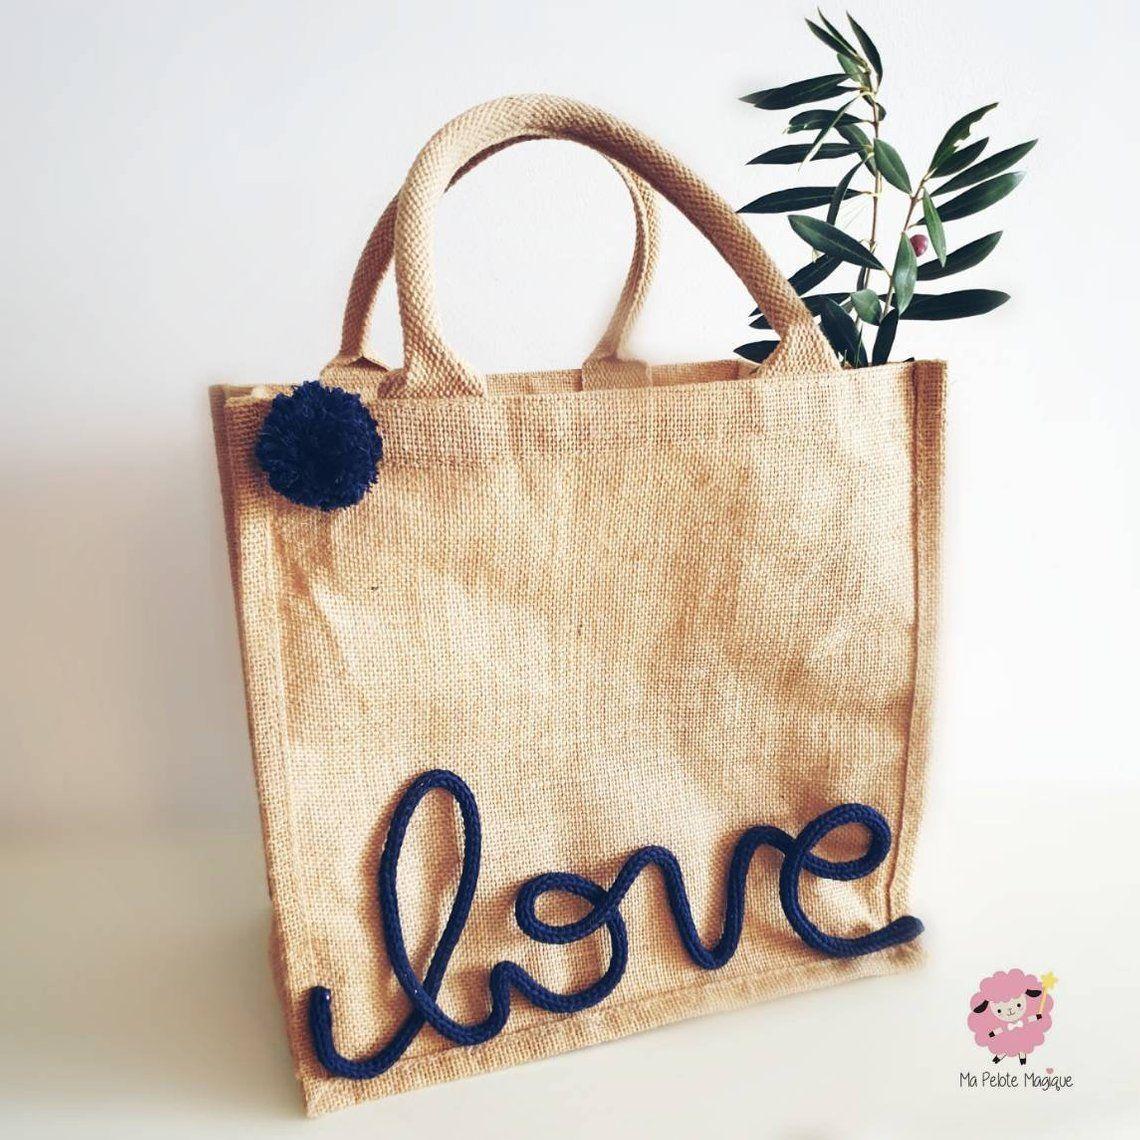 Custom Word In Knitting And Tassel And Burlap Tote Bag Sac Cabas